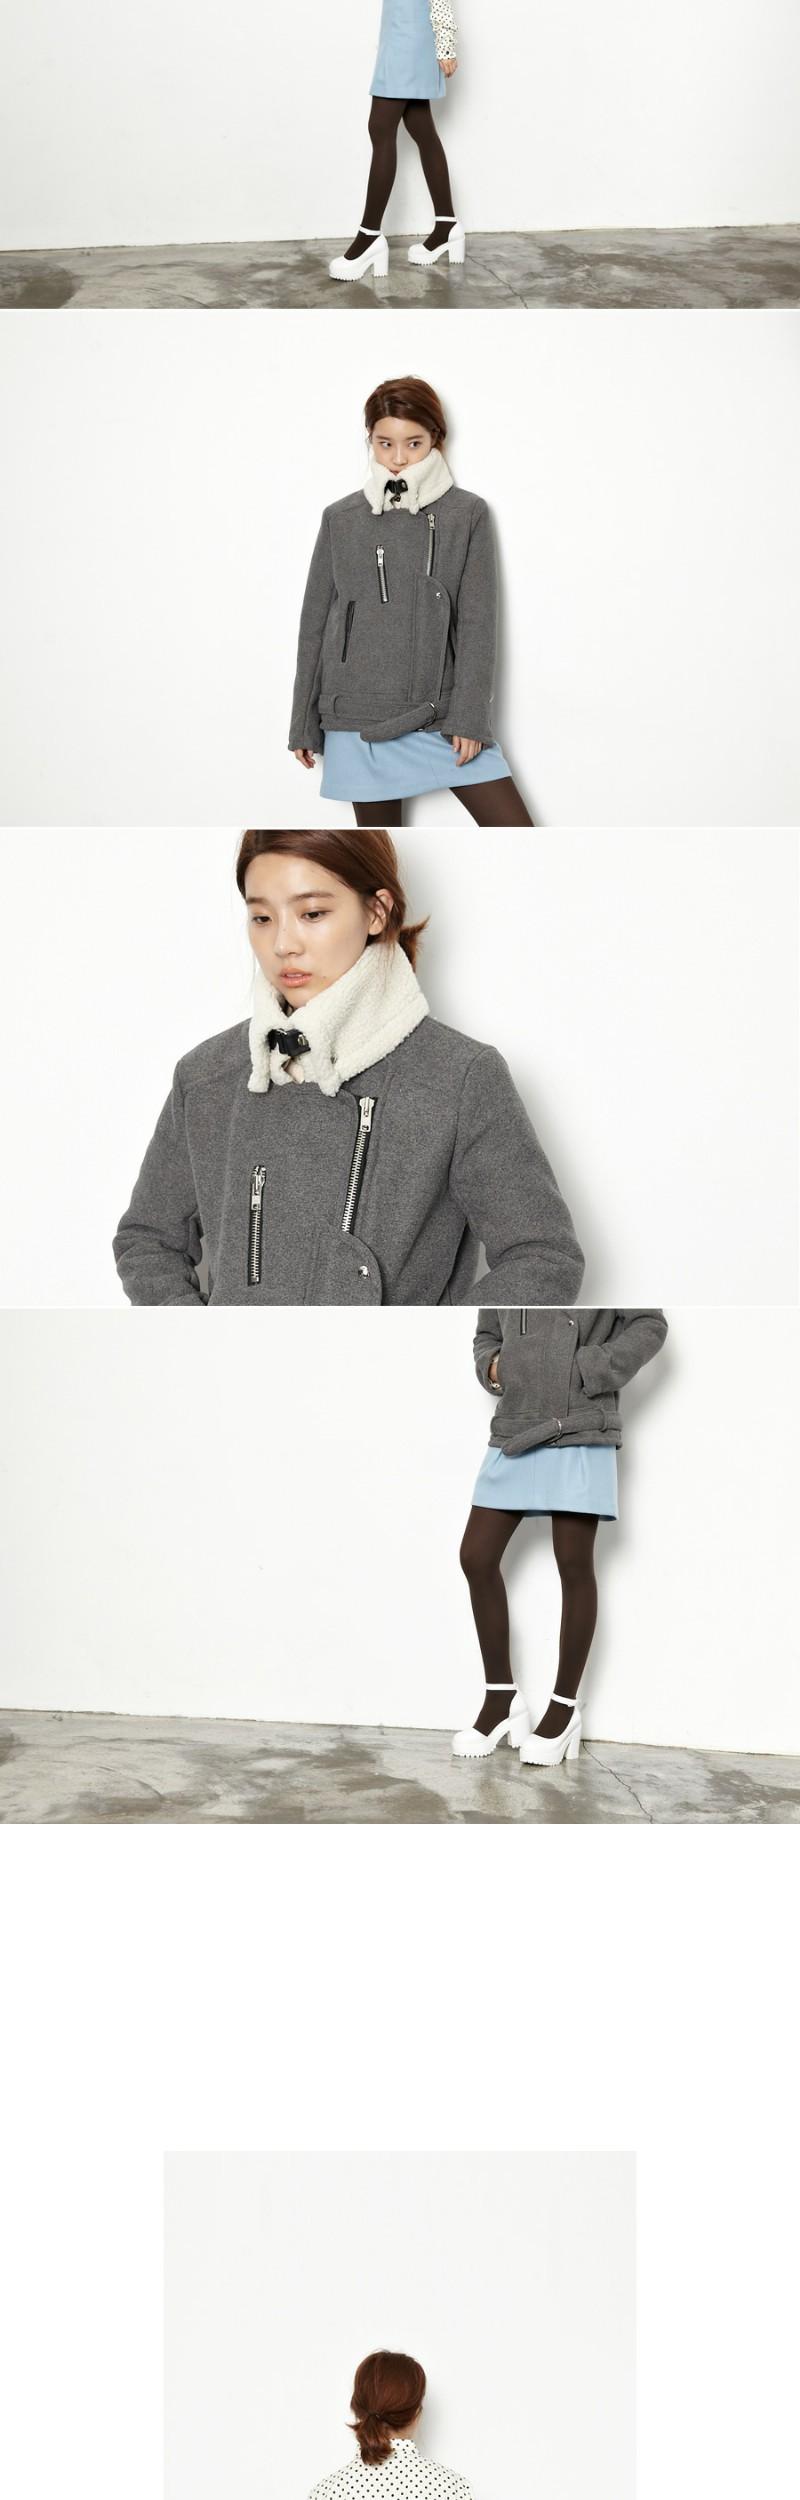 High pocket A-line skirt